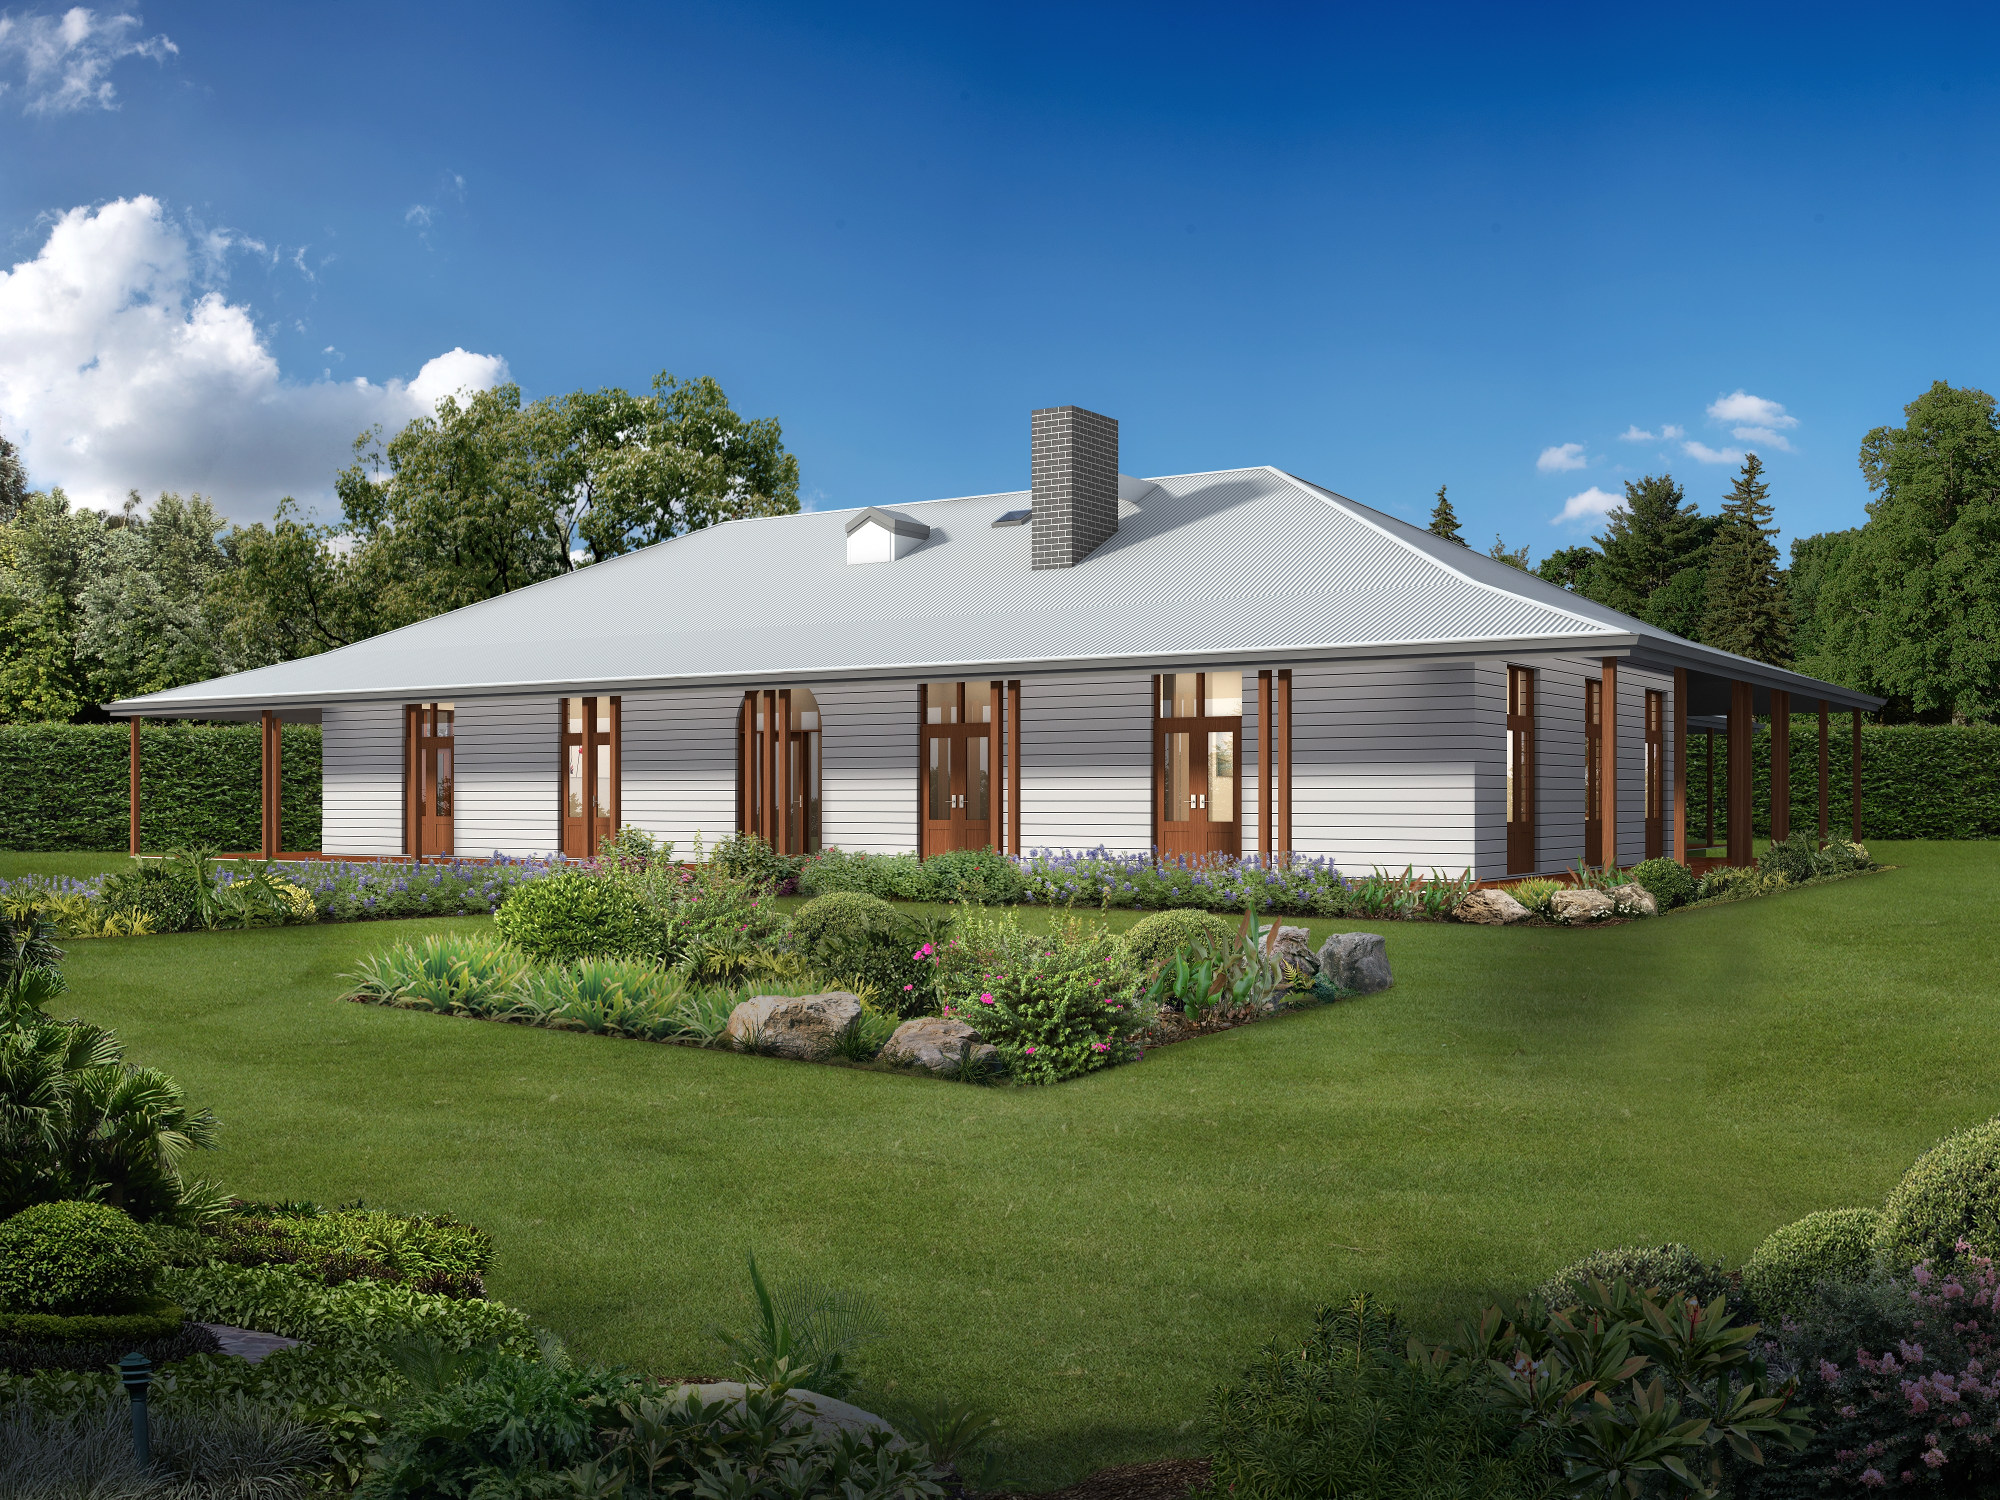 Home Design - Alcor - T3017